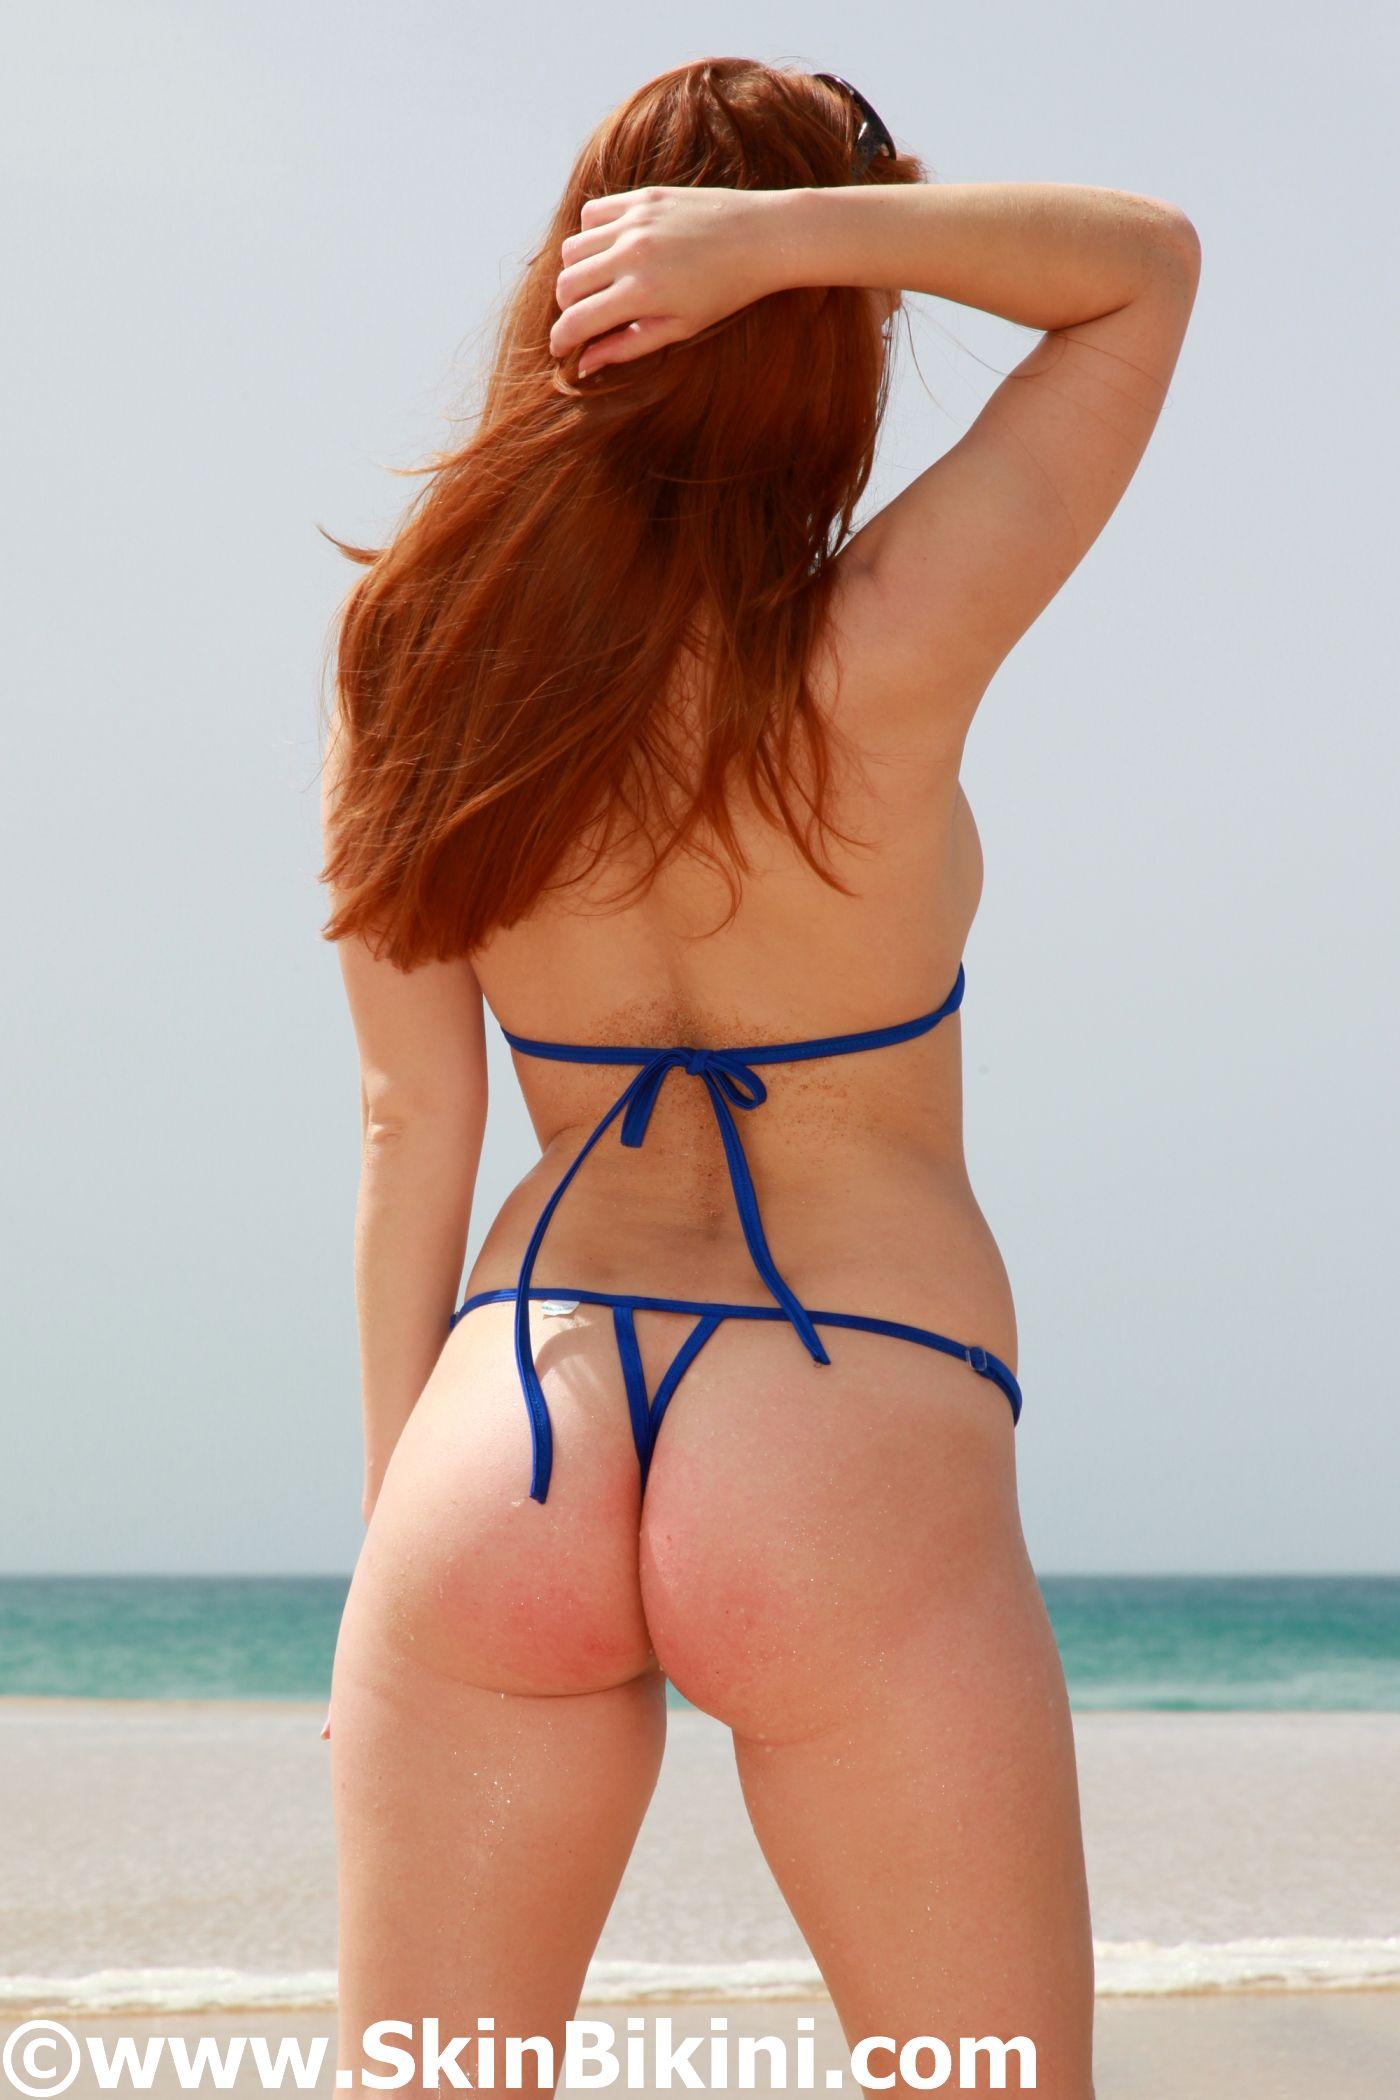 Daring SkinBikini extreme crotchless micro bikinii worn by Bikini-Dare Model